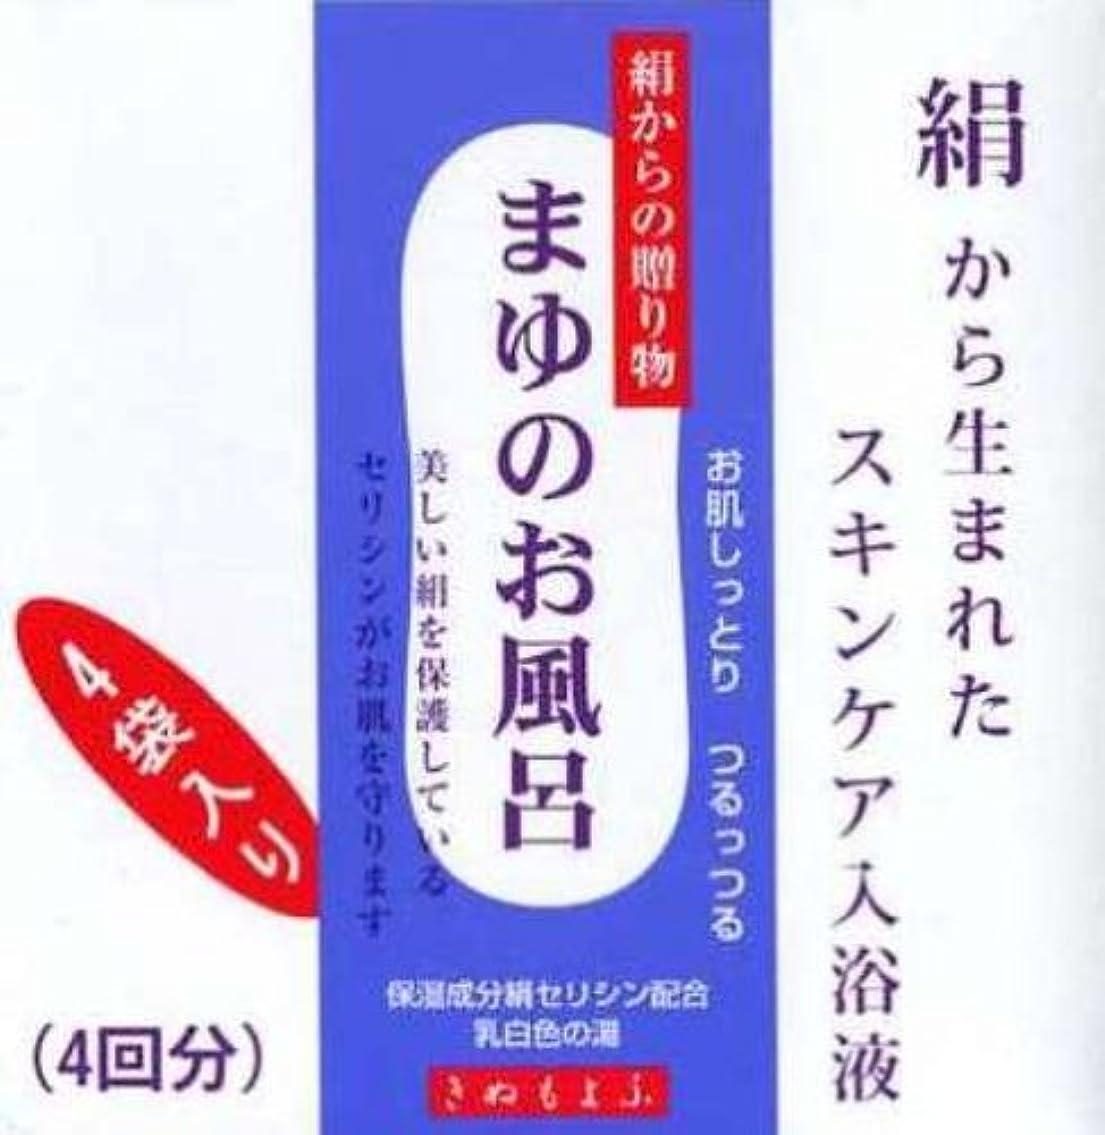 厳密に三四分円まゆシリーズ きぬもよふ まゆのお風呂 25ml(1回分×4袋)